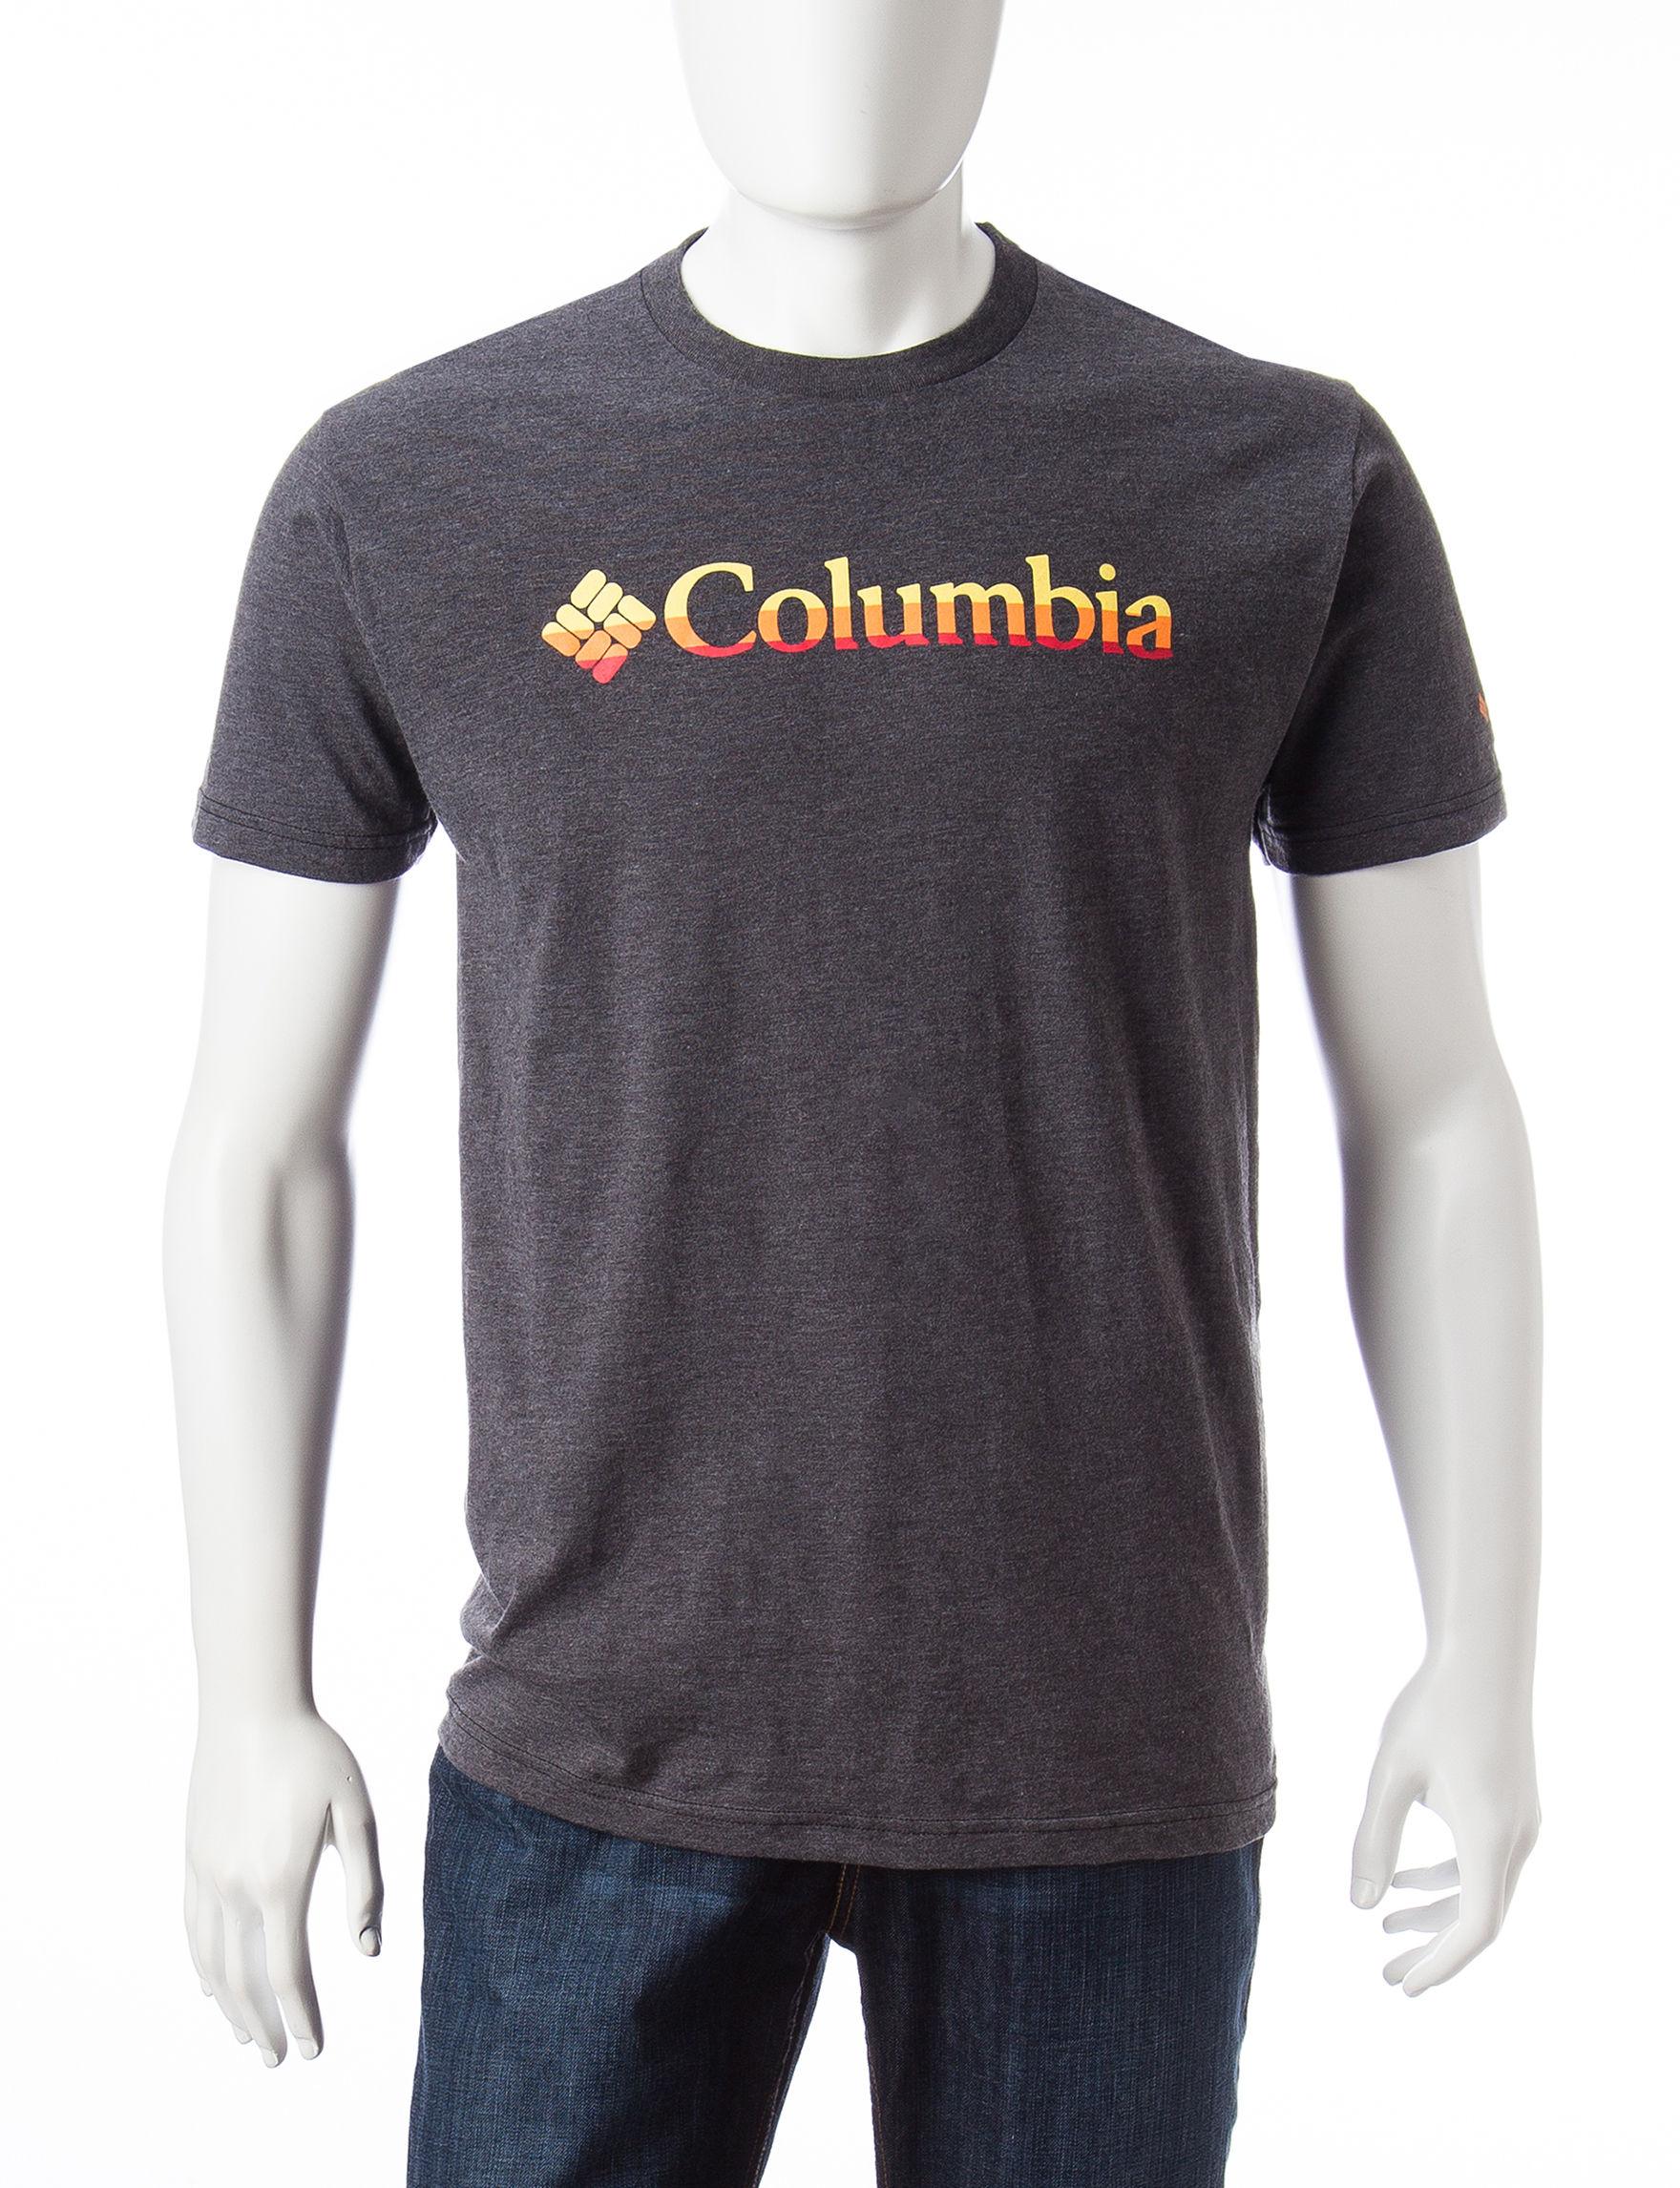 Columbia Charcoal Tees & Tanks